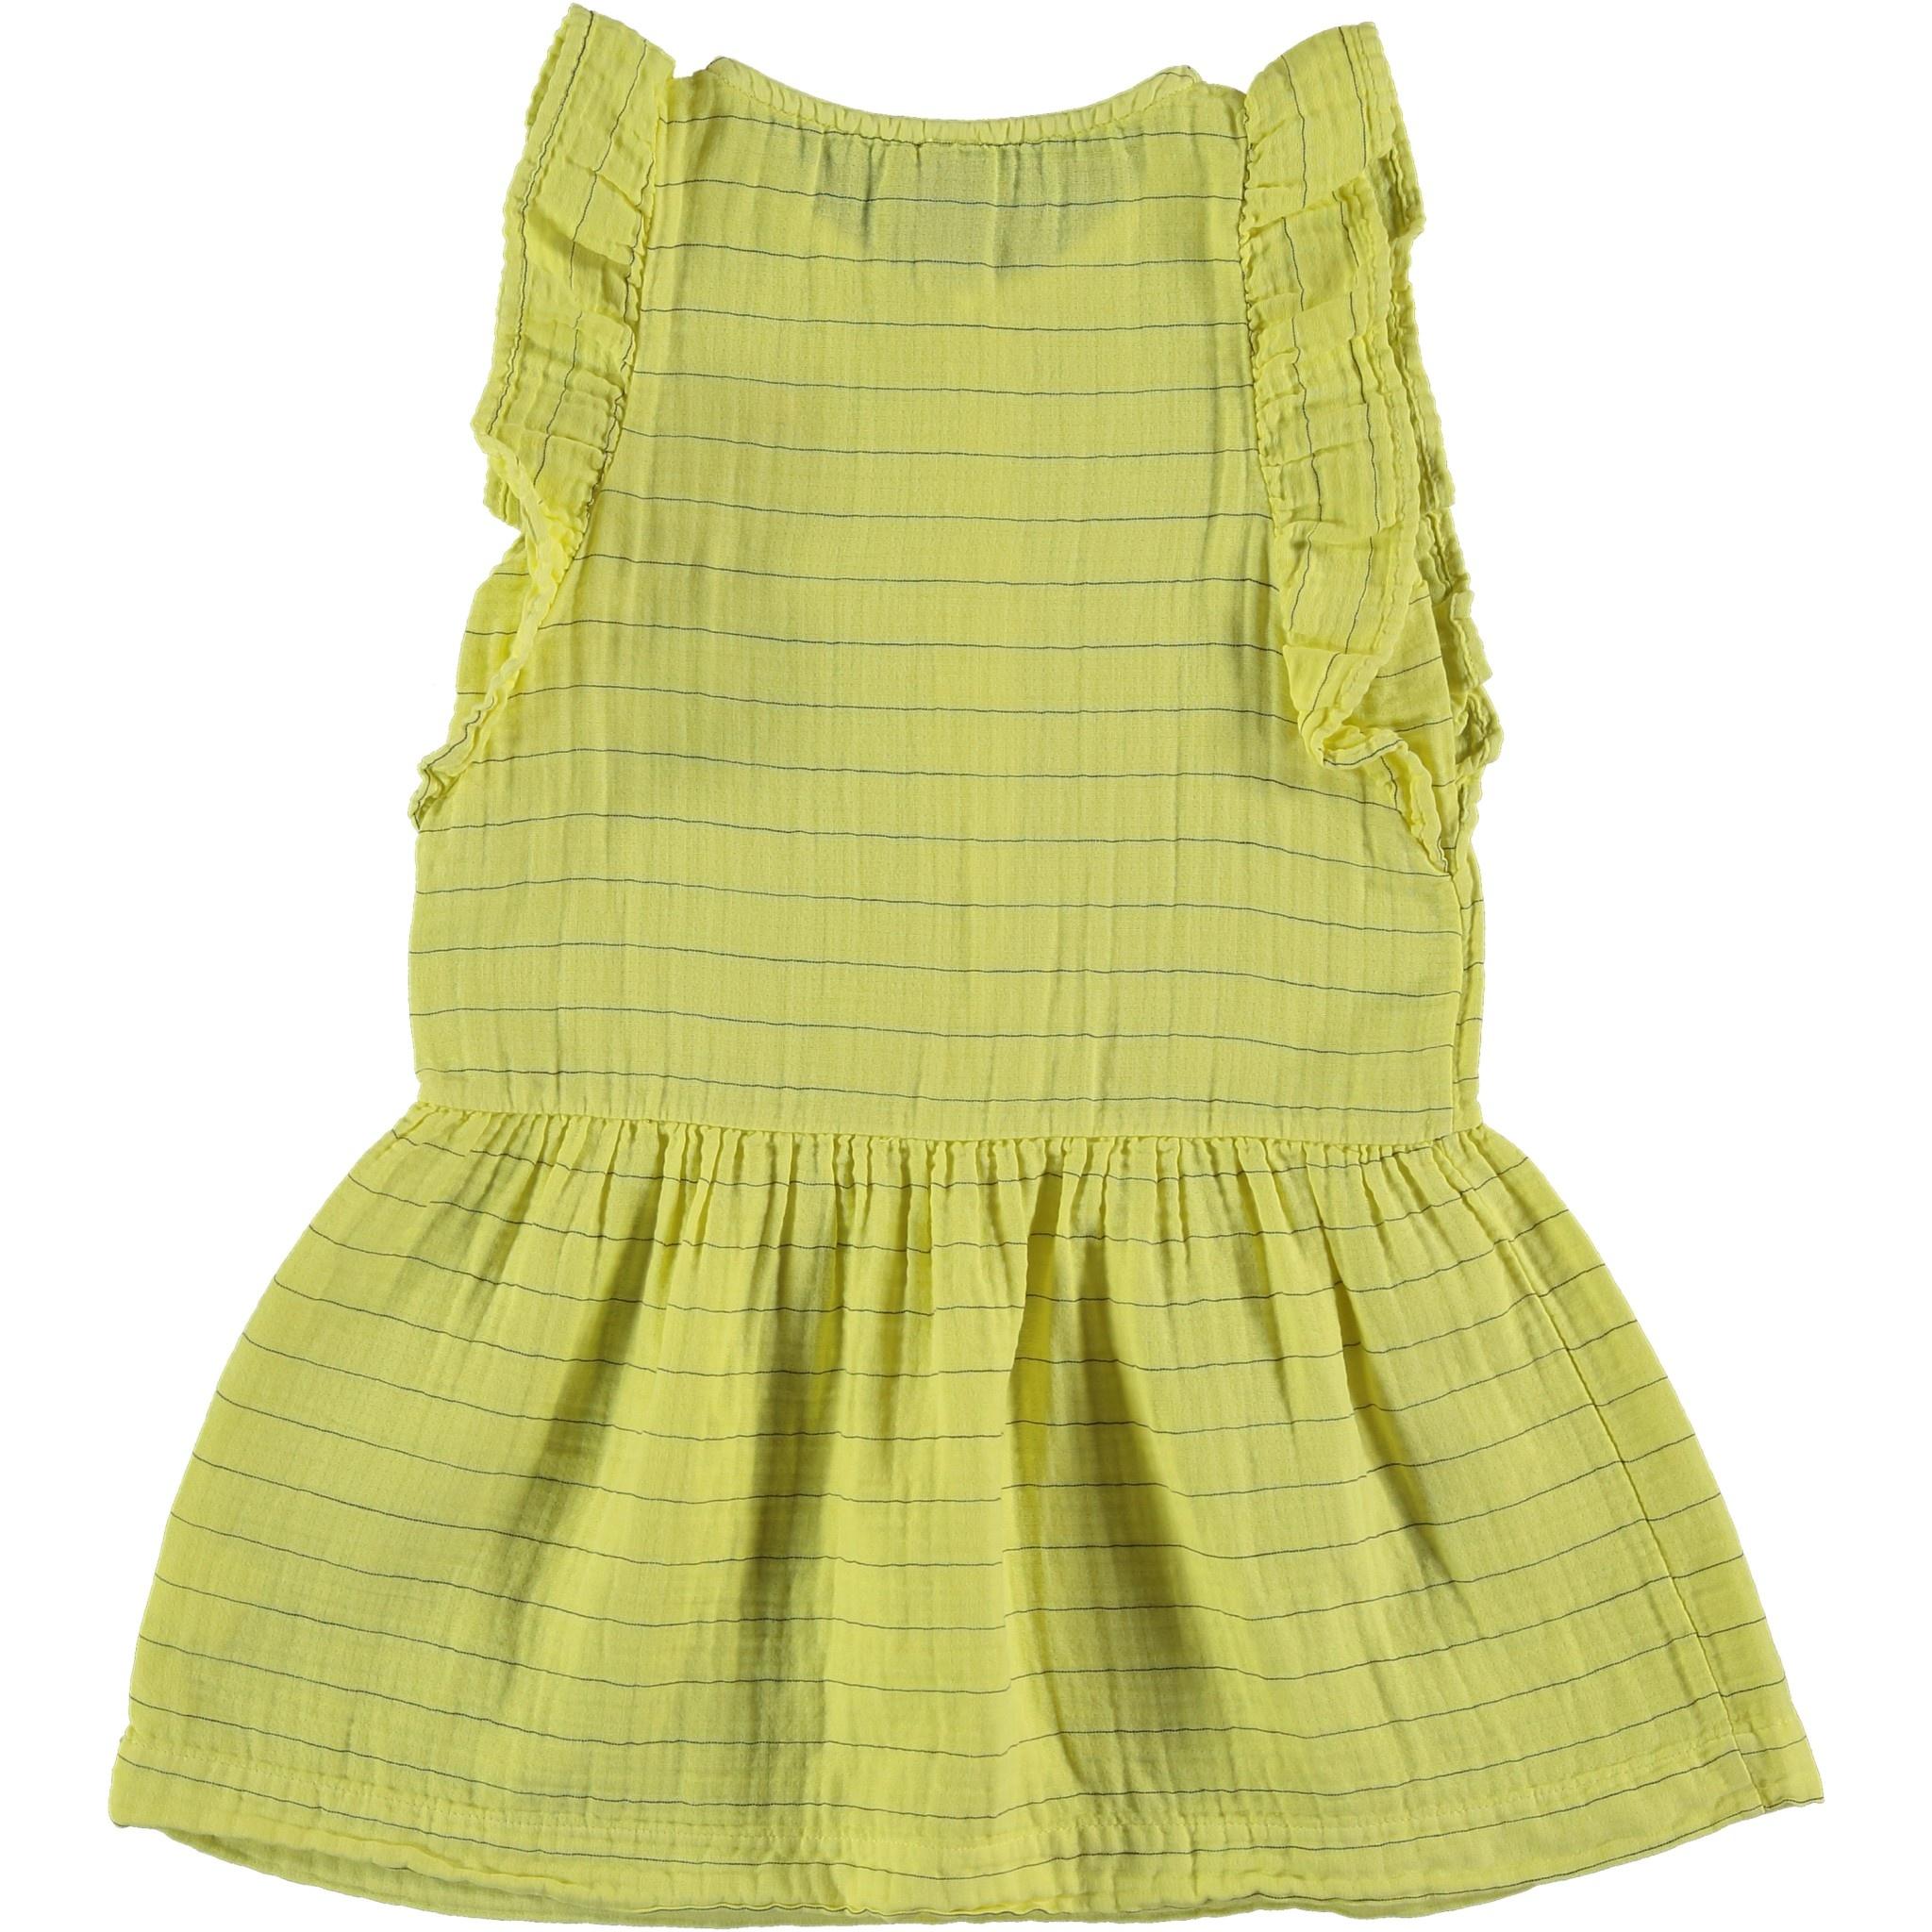 Dress frill stripes dot sunshine yellow kids-2